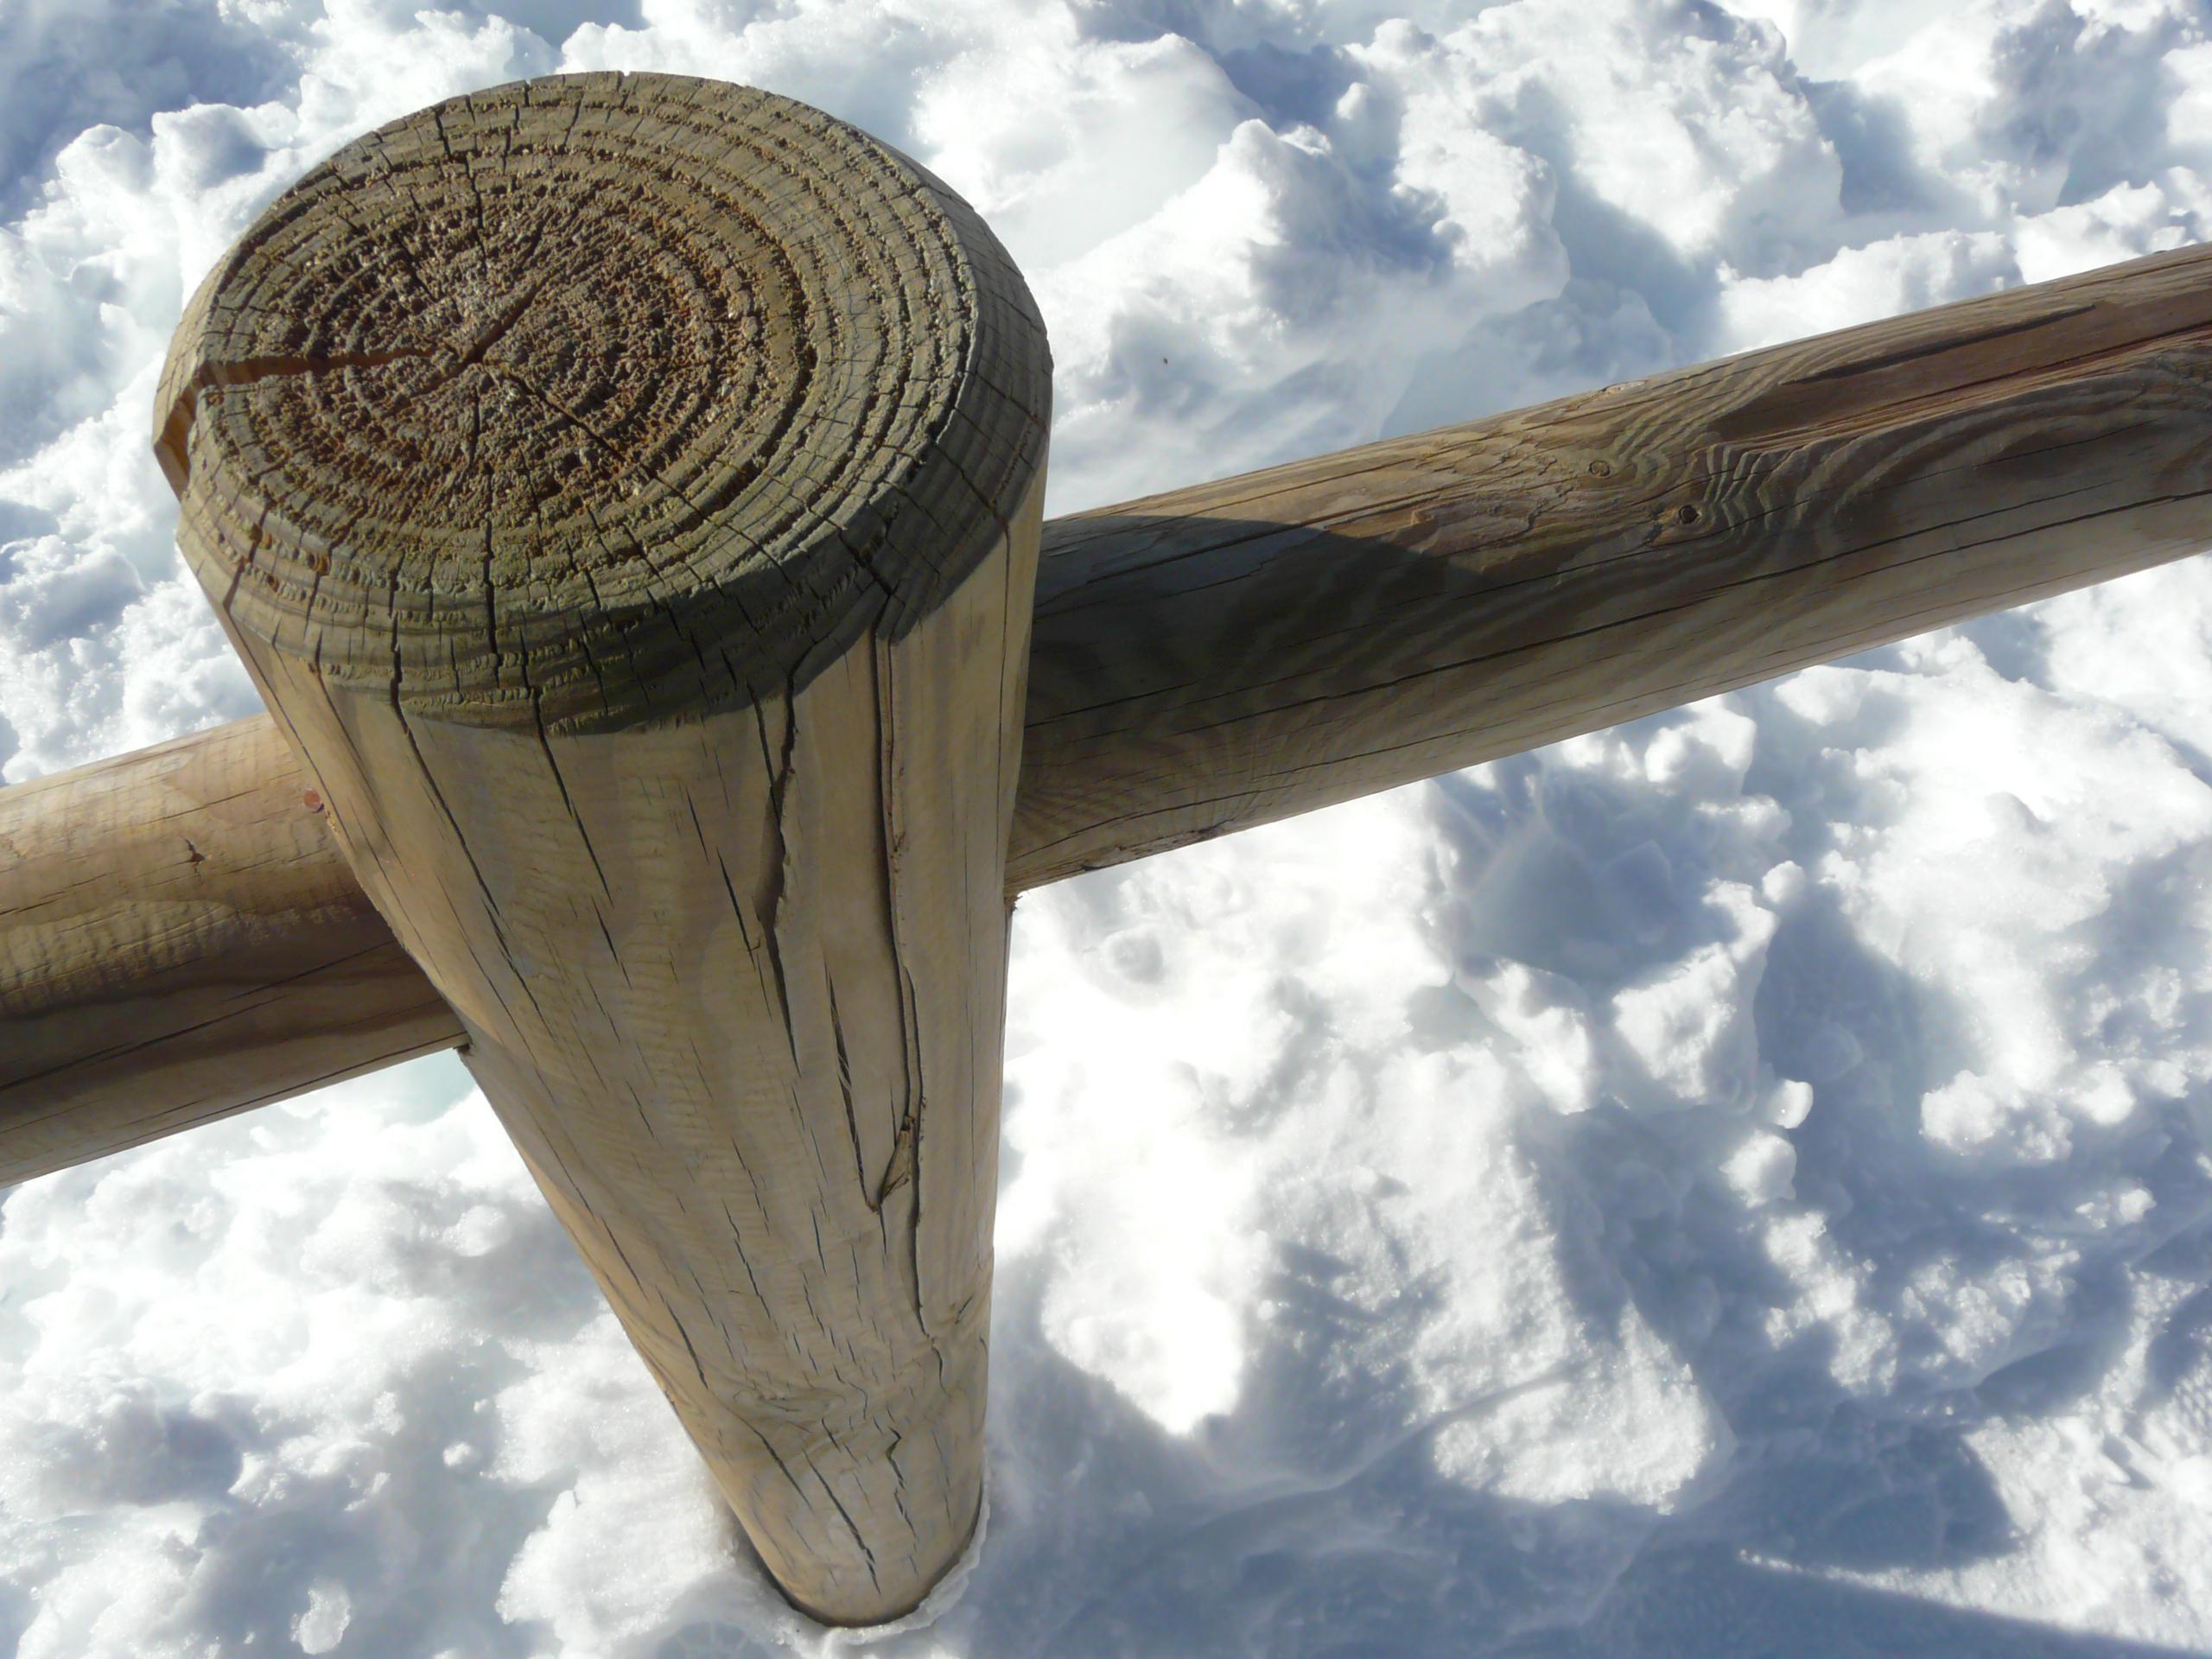 Col de Joux Plane_007 by XPCoccinelle